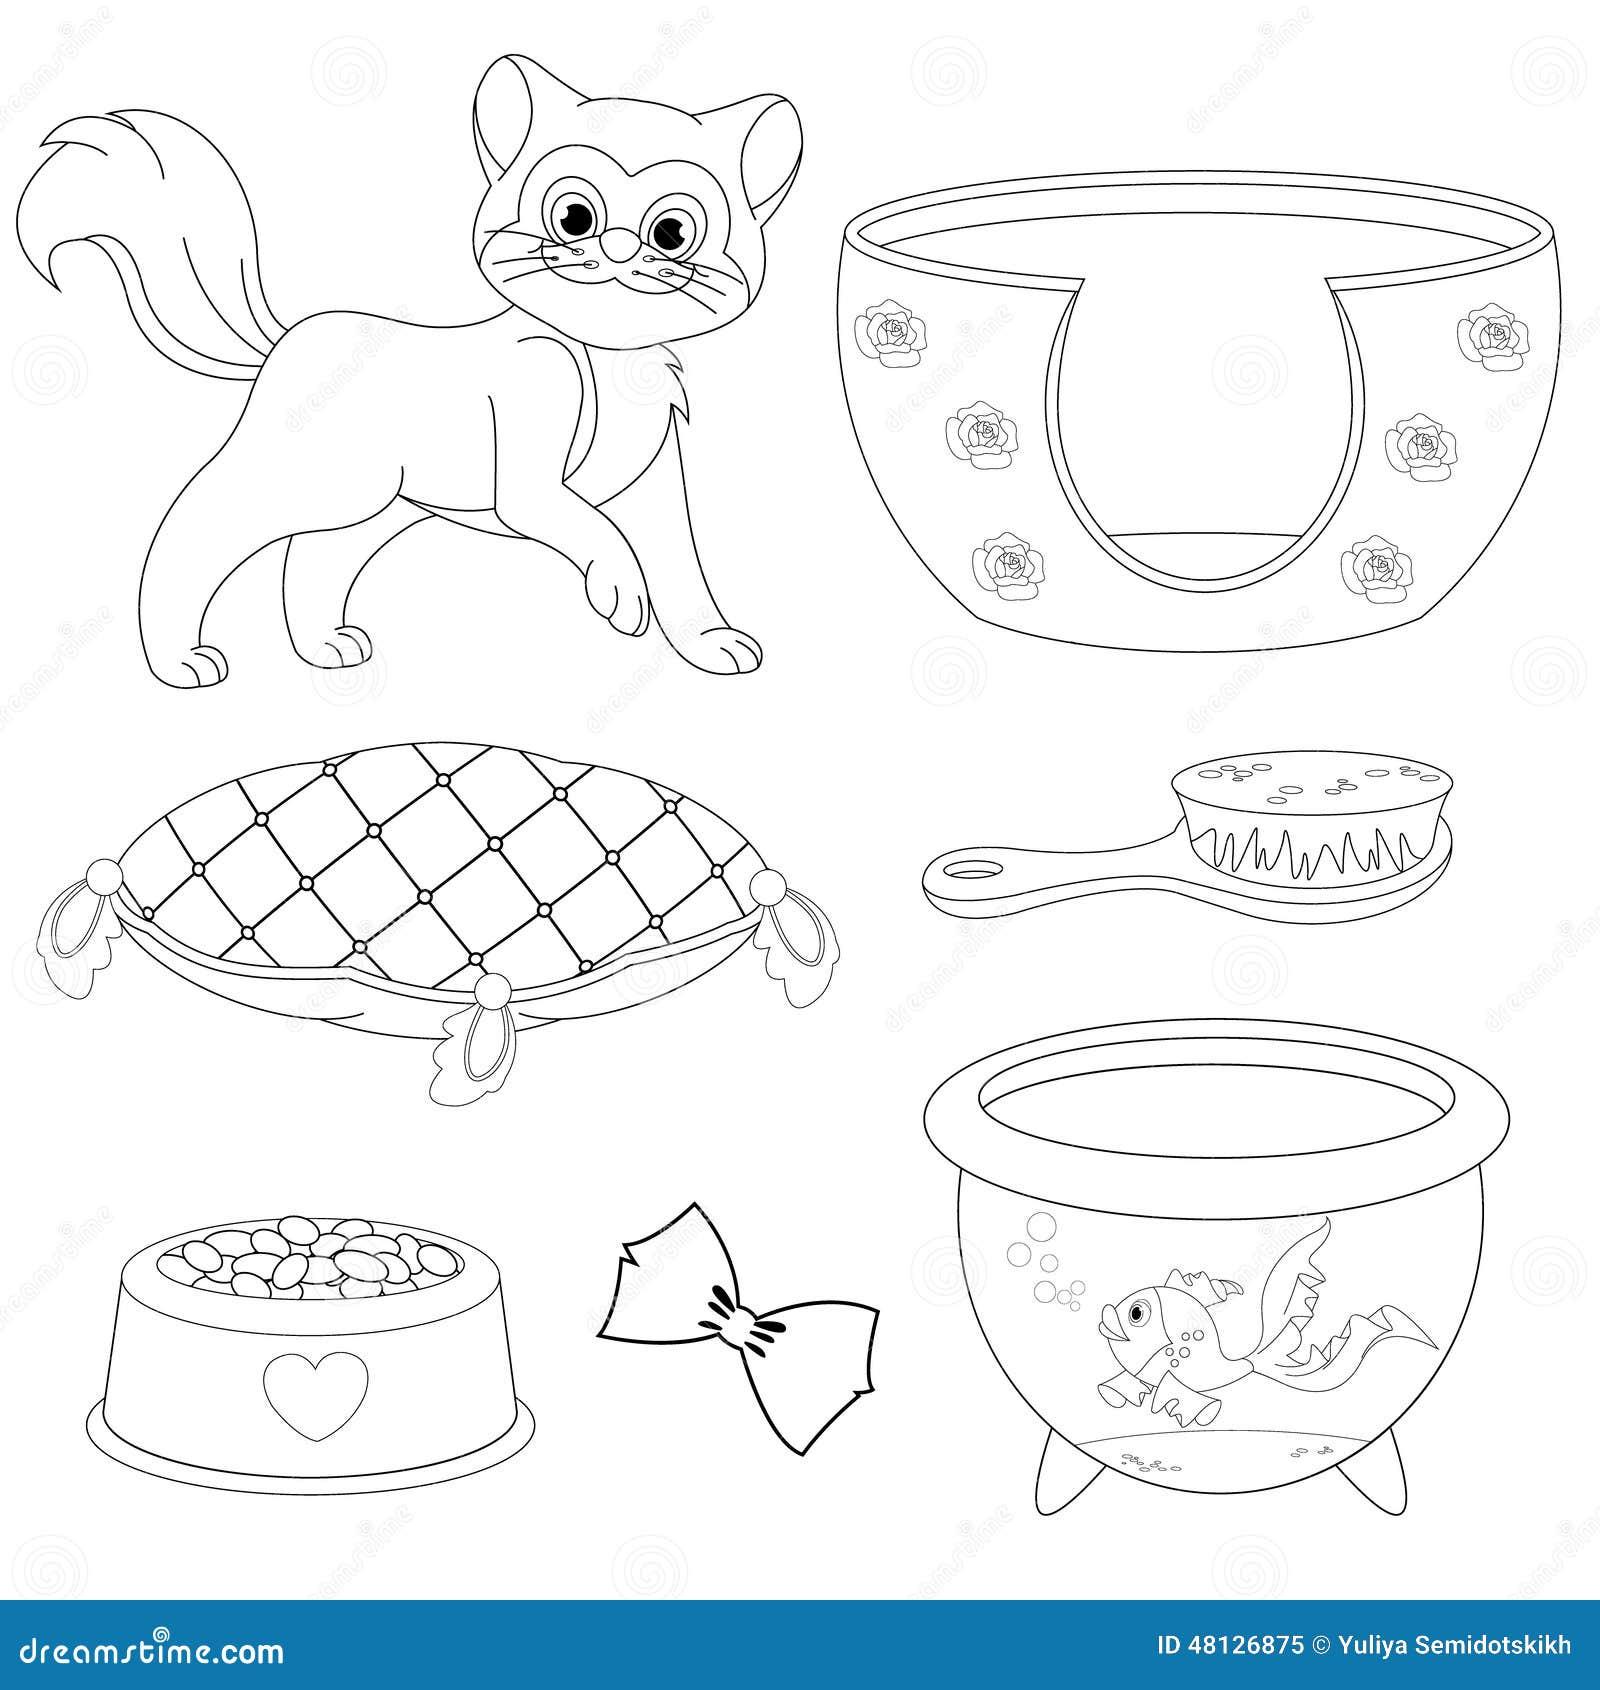 Página Del Libro De Colorear De Los Accesorios De Cat With Different ...